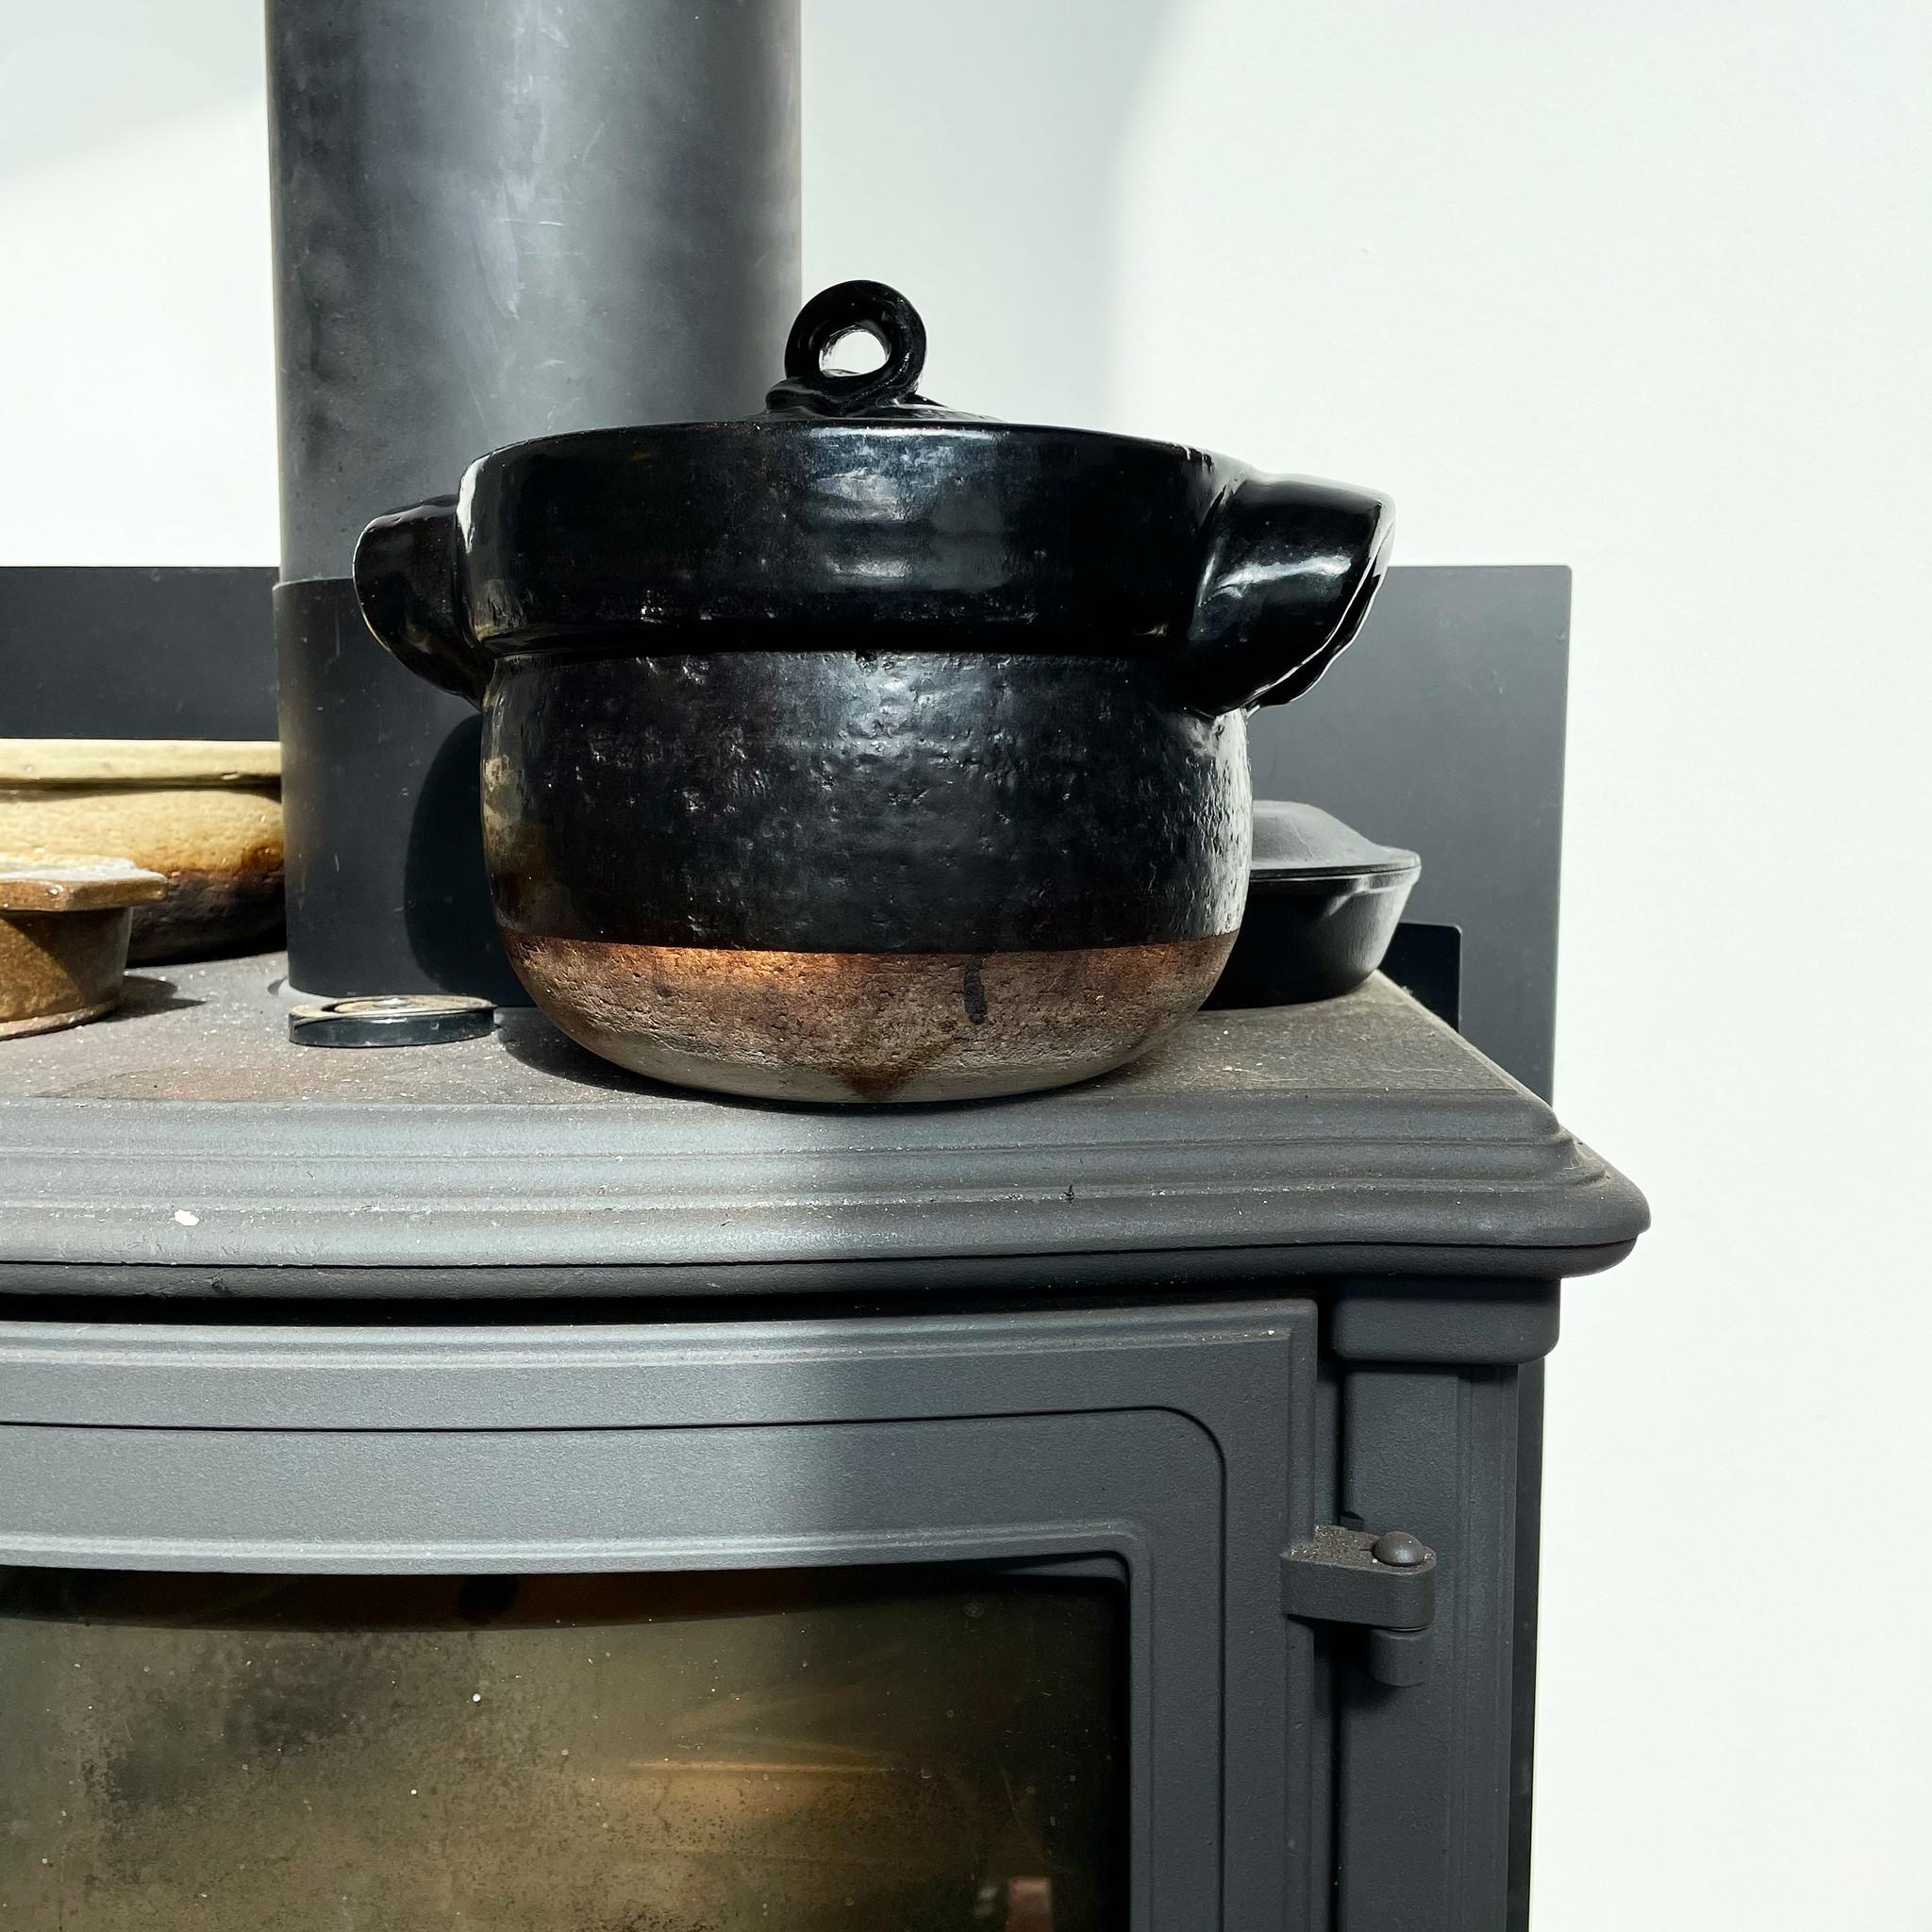 土鍋のカビ防止策 乾燥